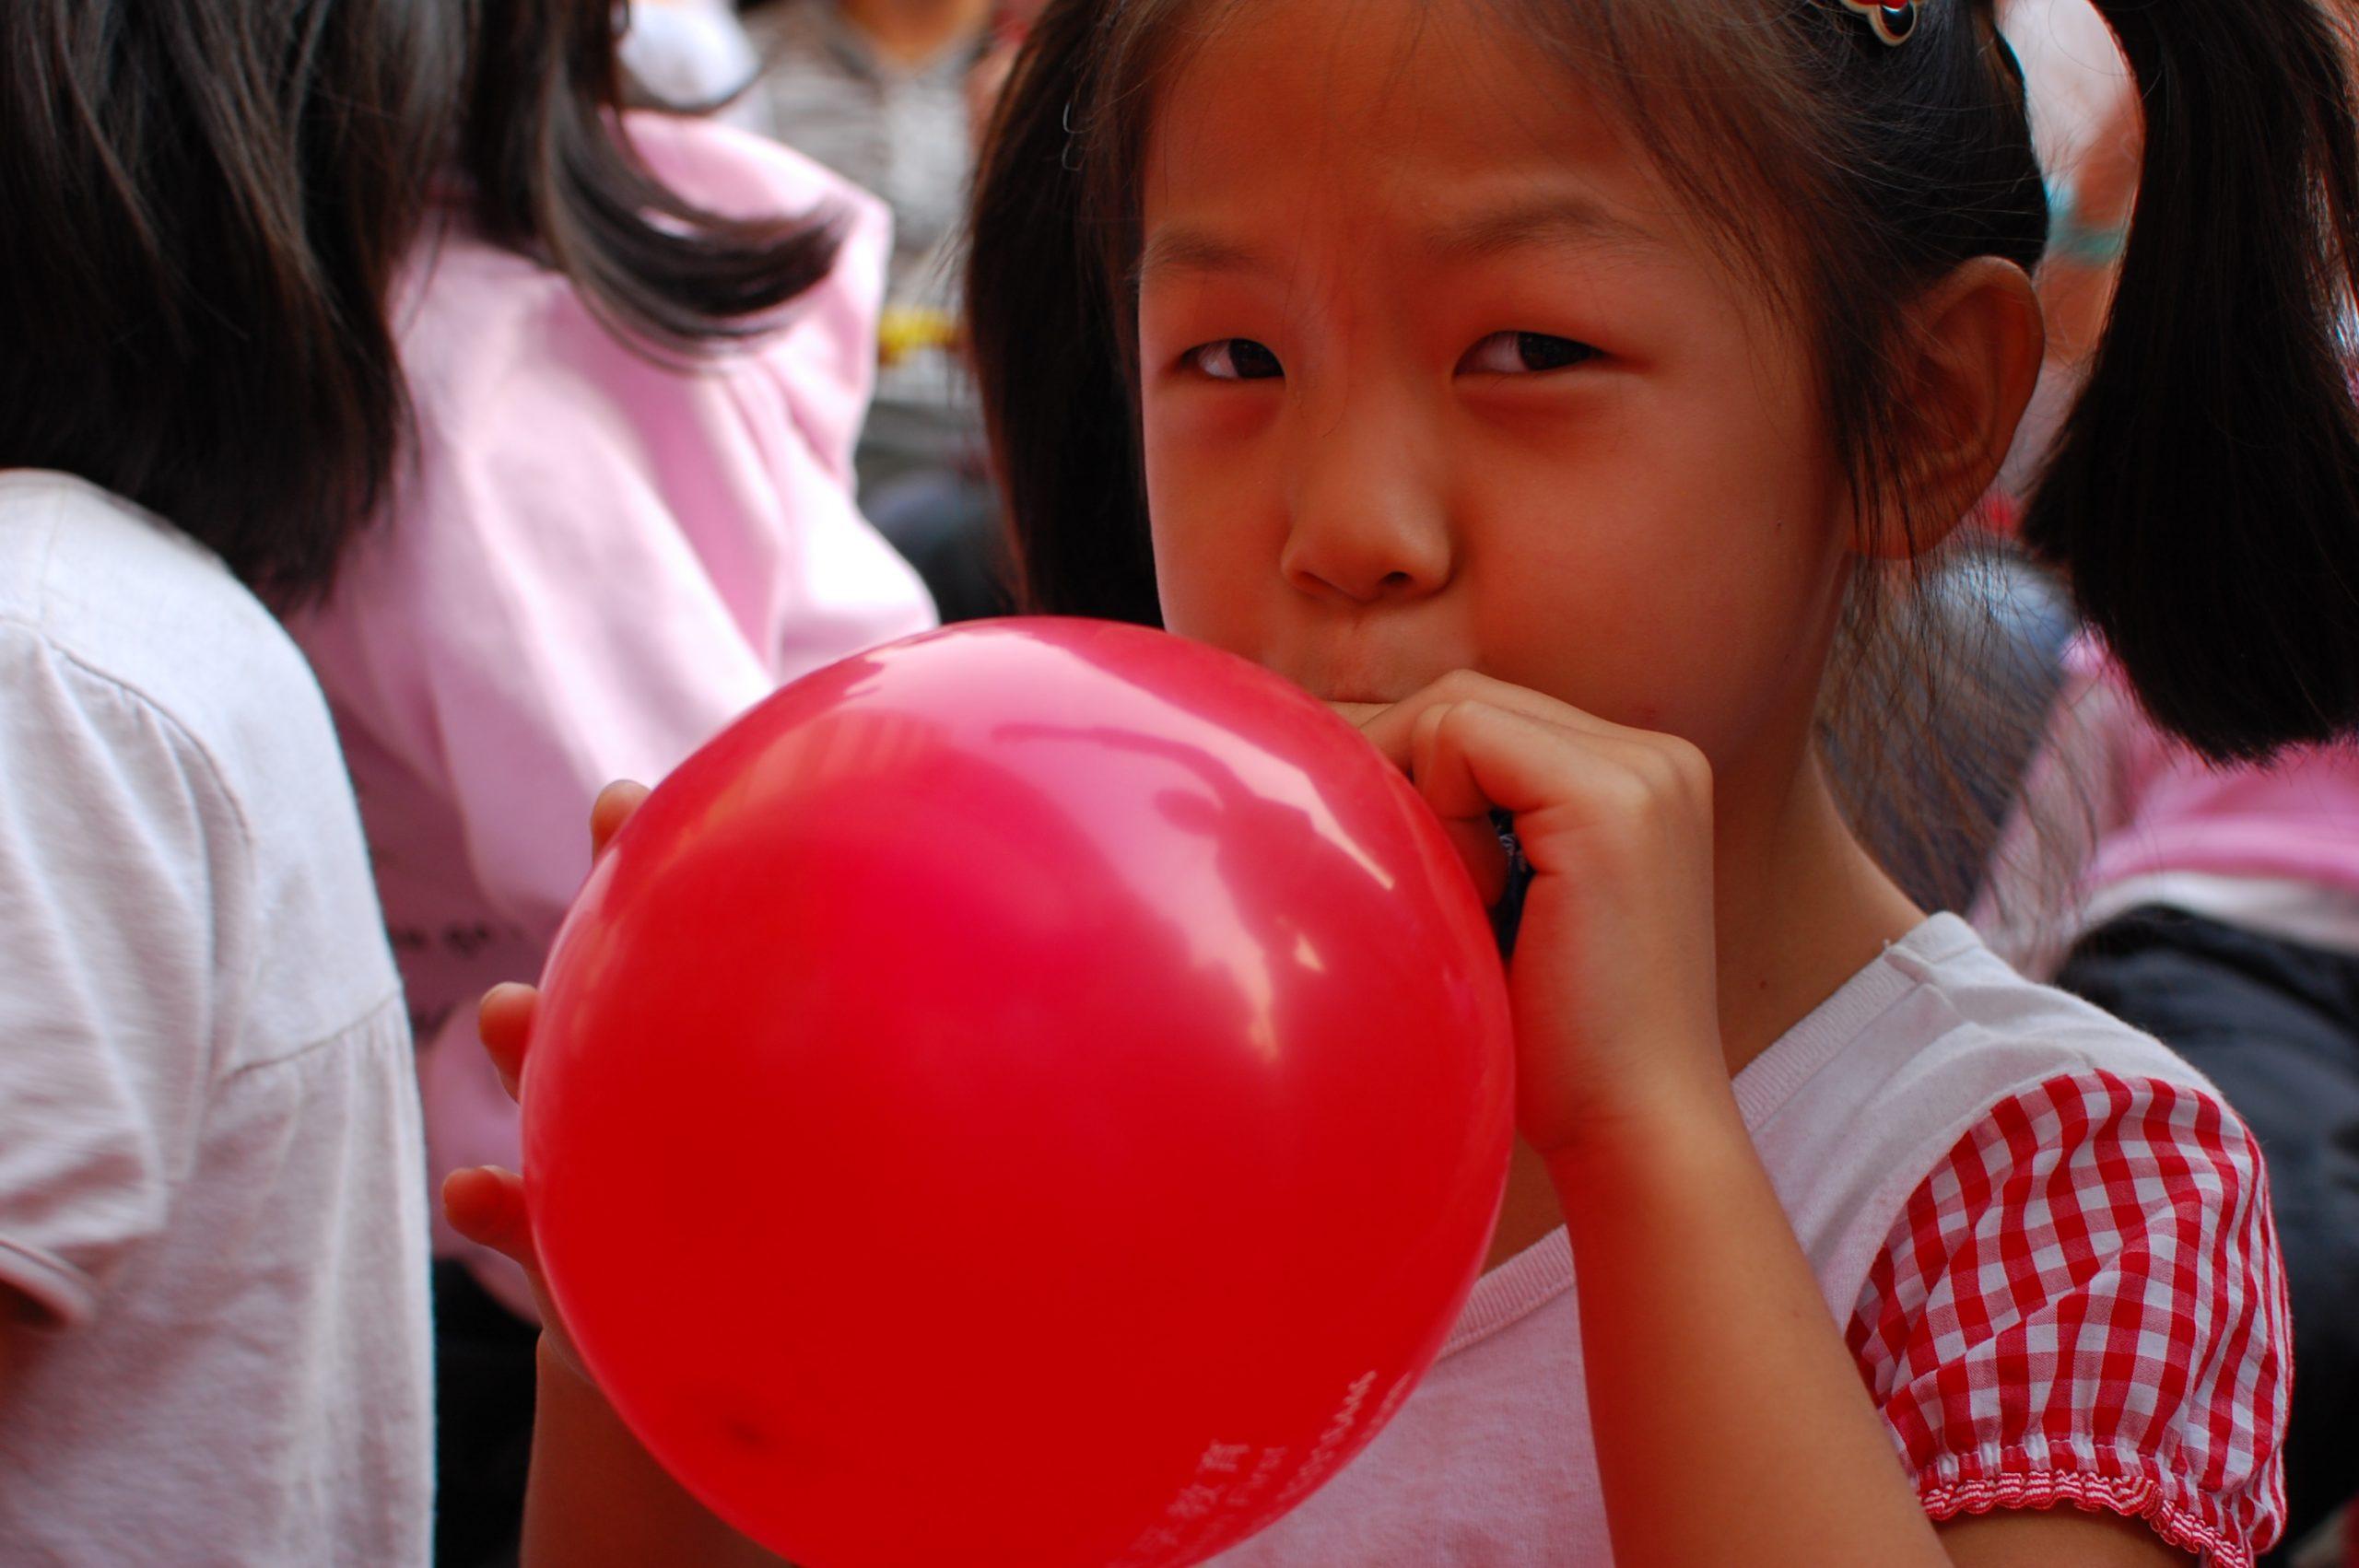 يجب ألا يستنشق الأطفال الغاز دون رقابة